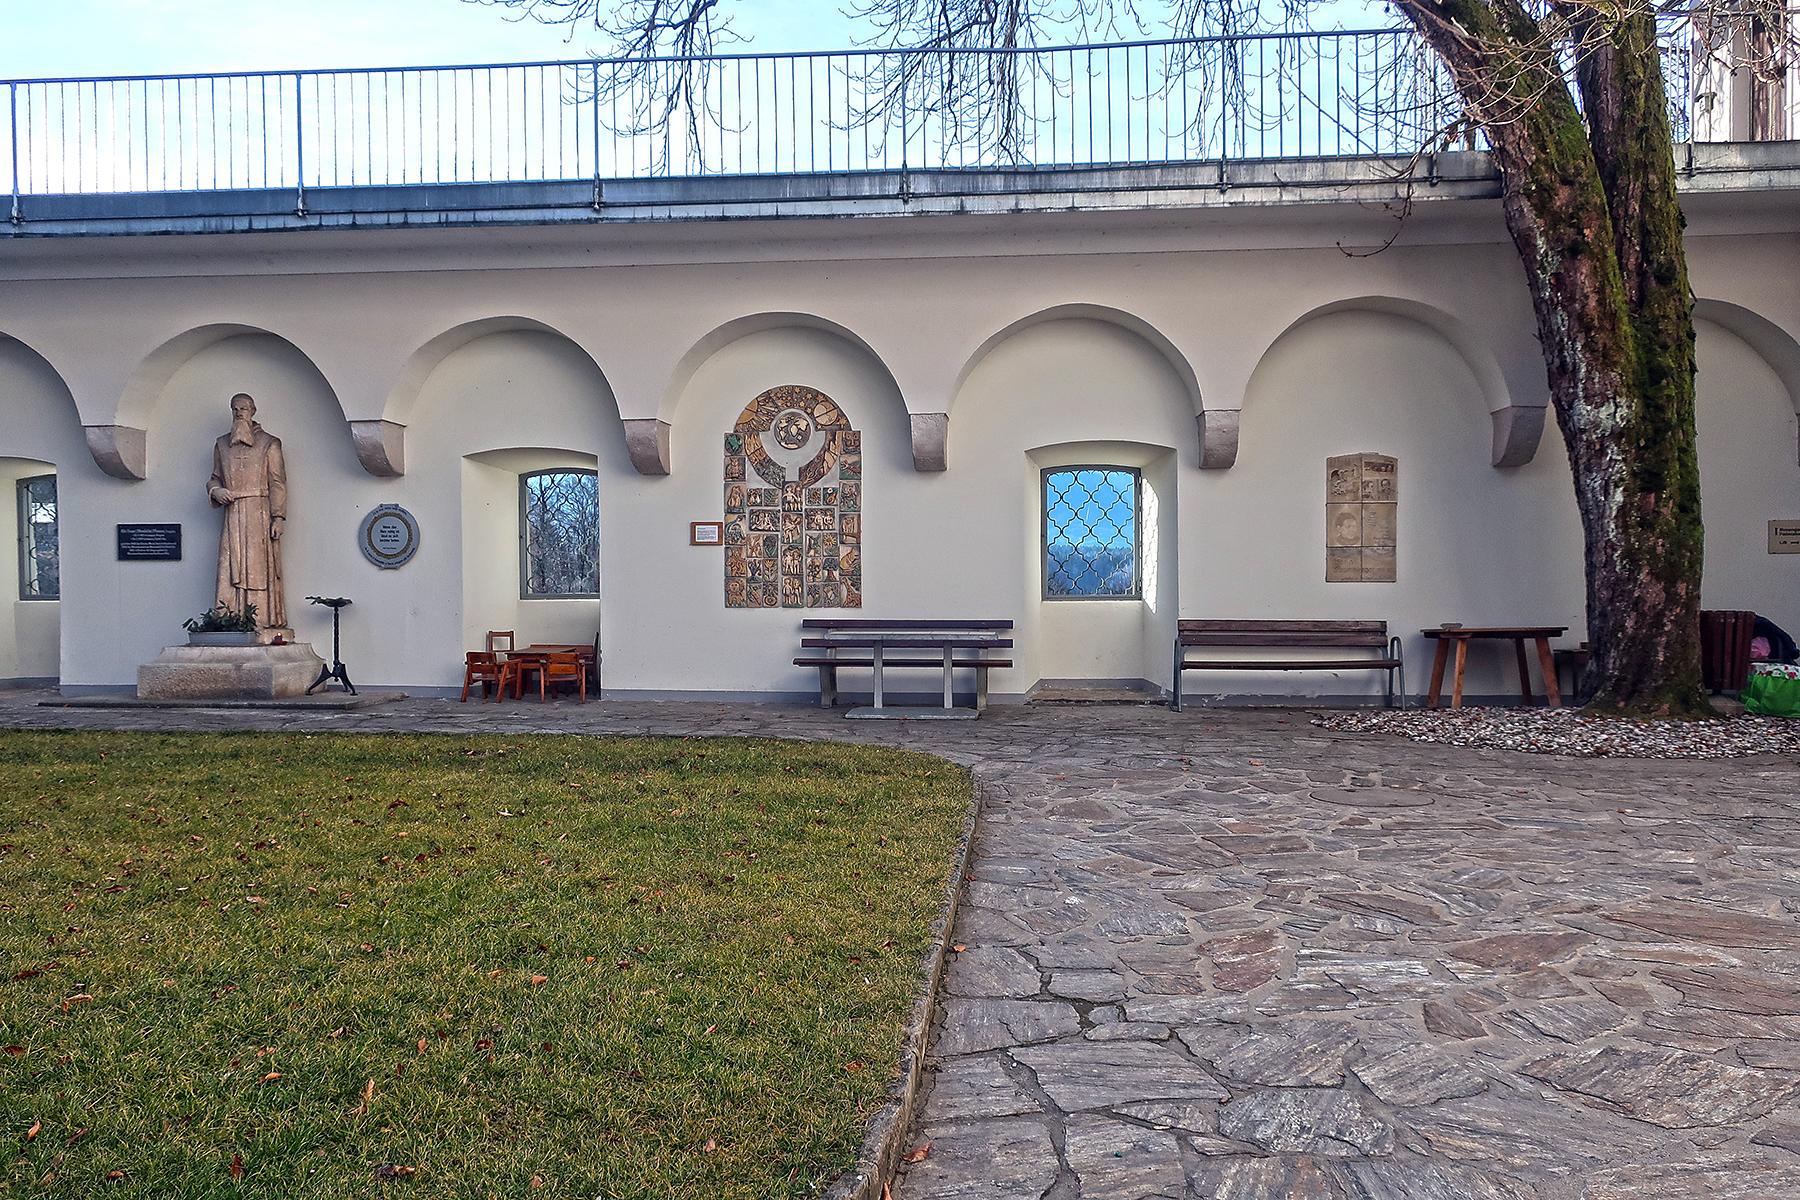 Schwimmen, schmausen und schweigen in Kärntens Schlosshotels